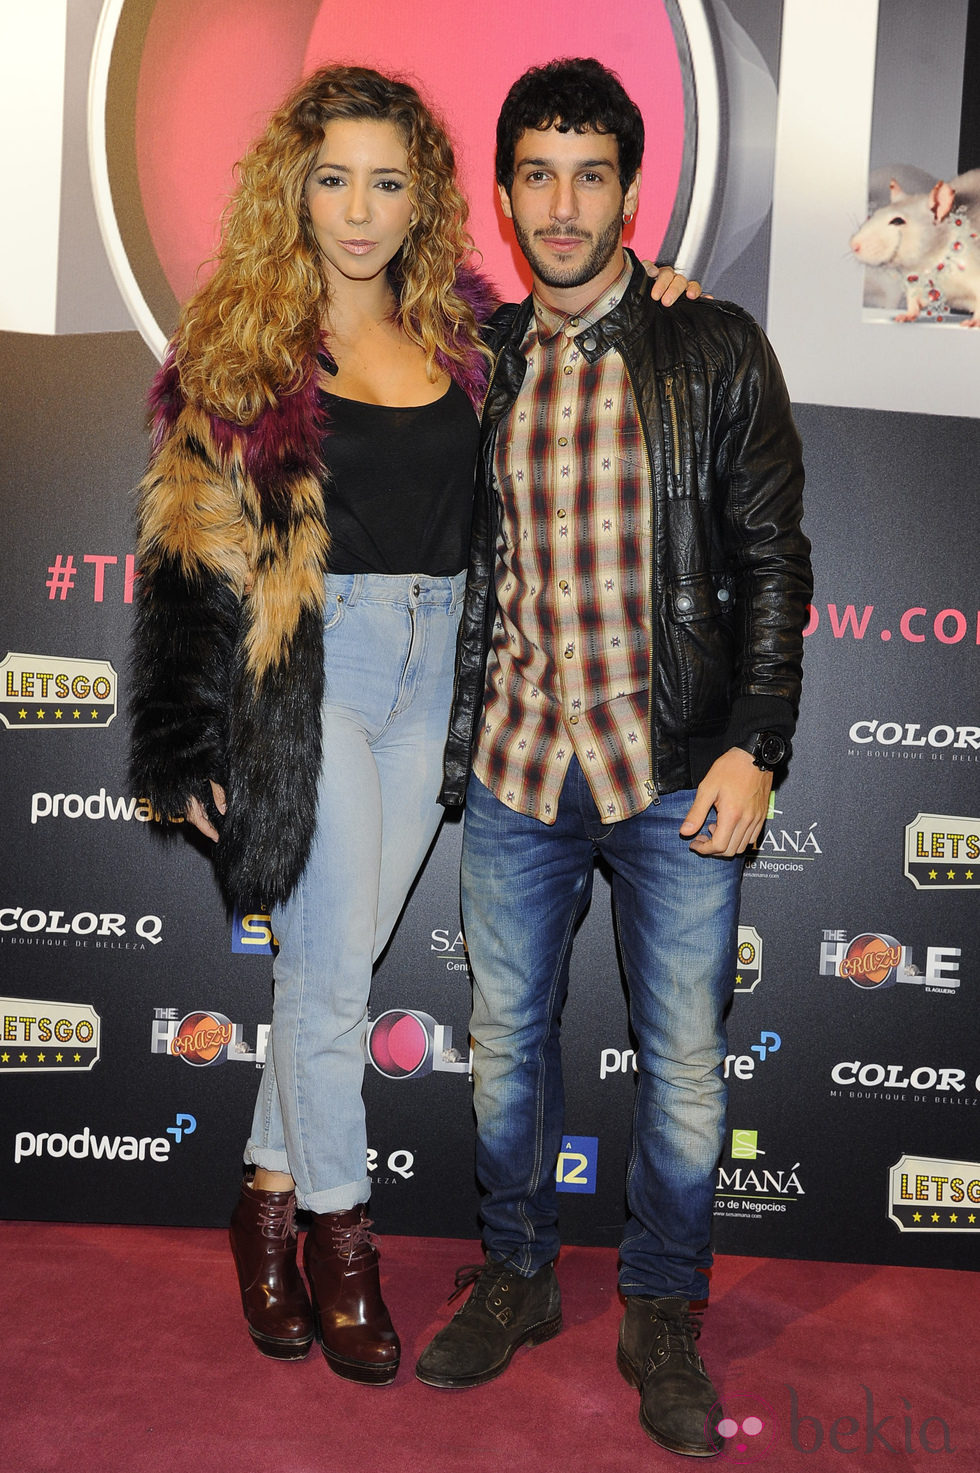 Sandra Cervera y Jonás Beramí en el estreno de 'The Hole 2'